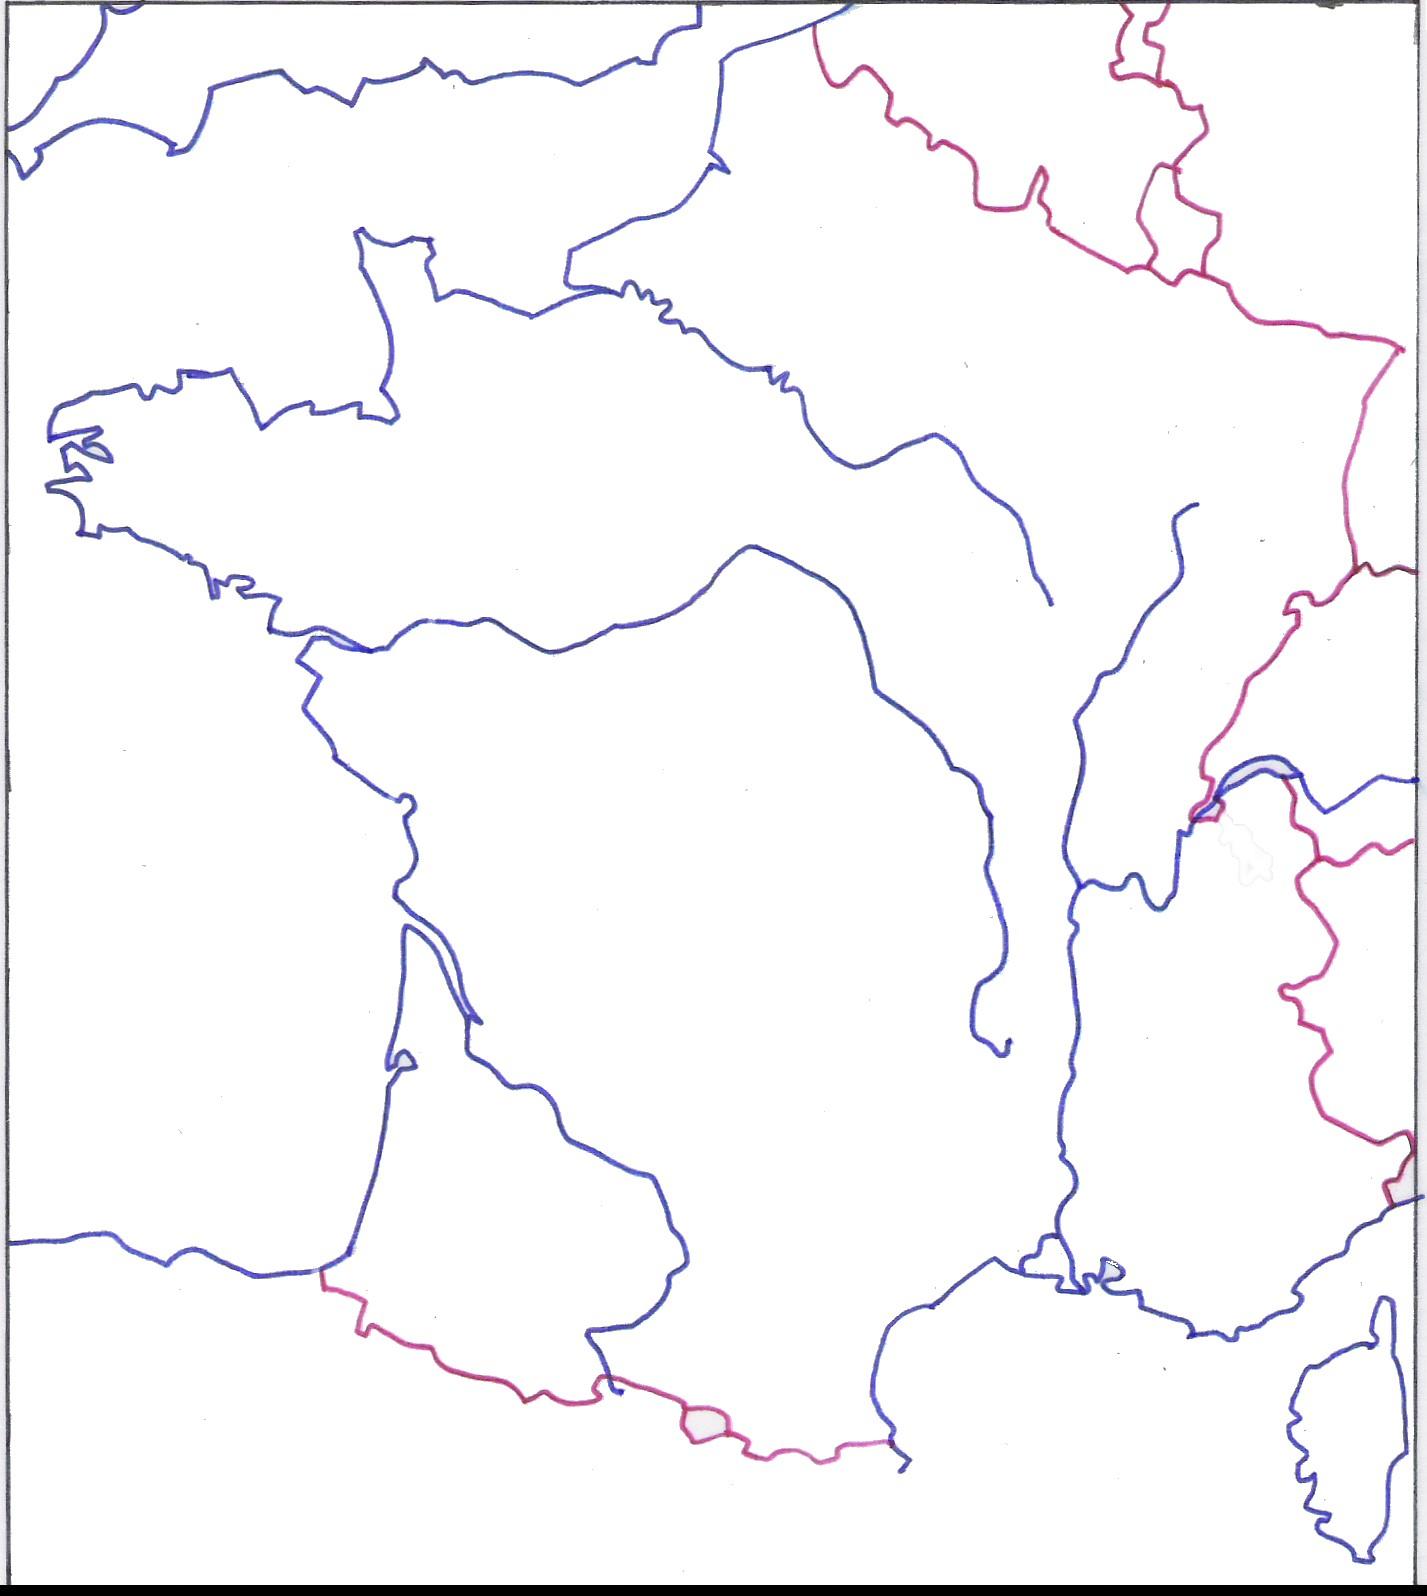 Fonds De Cartes - Les Pratiques De Classe De Mister Chat concernant Fond De Carte France Fleuves